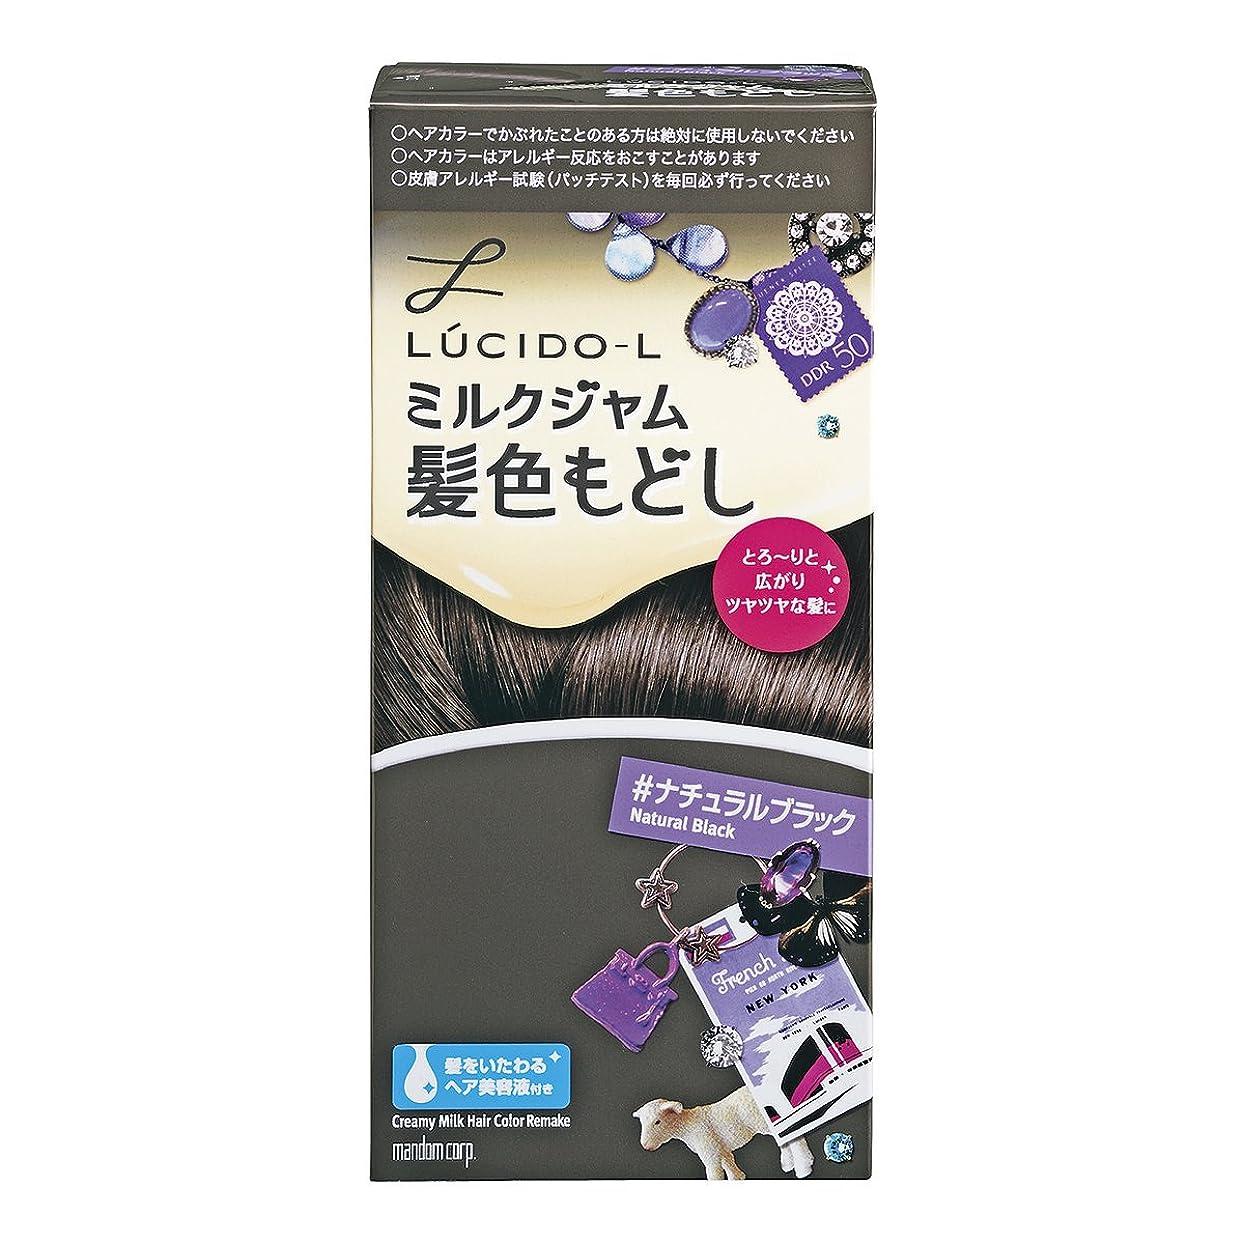 シンプトン短命行き当たりばったりLUCIDO-L (ルシードエル) ミルクジャム髪色もどし #ナチュラルブラック (医薬部外品) (1剤40g 2剤80mL TR5g)